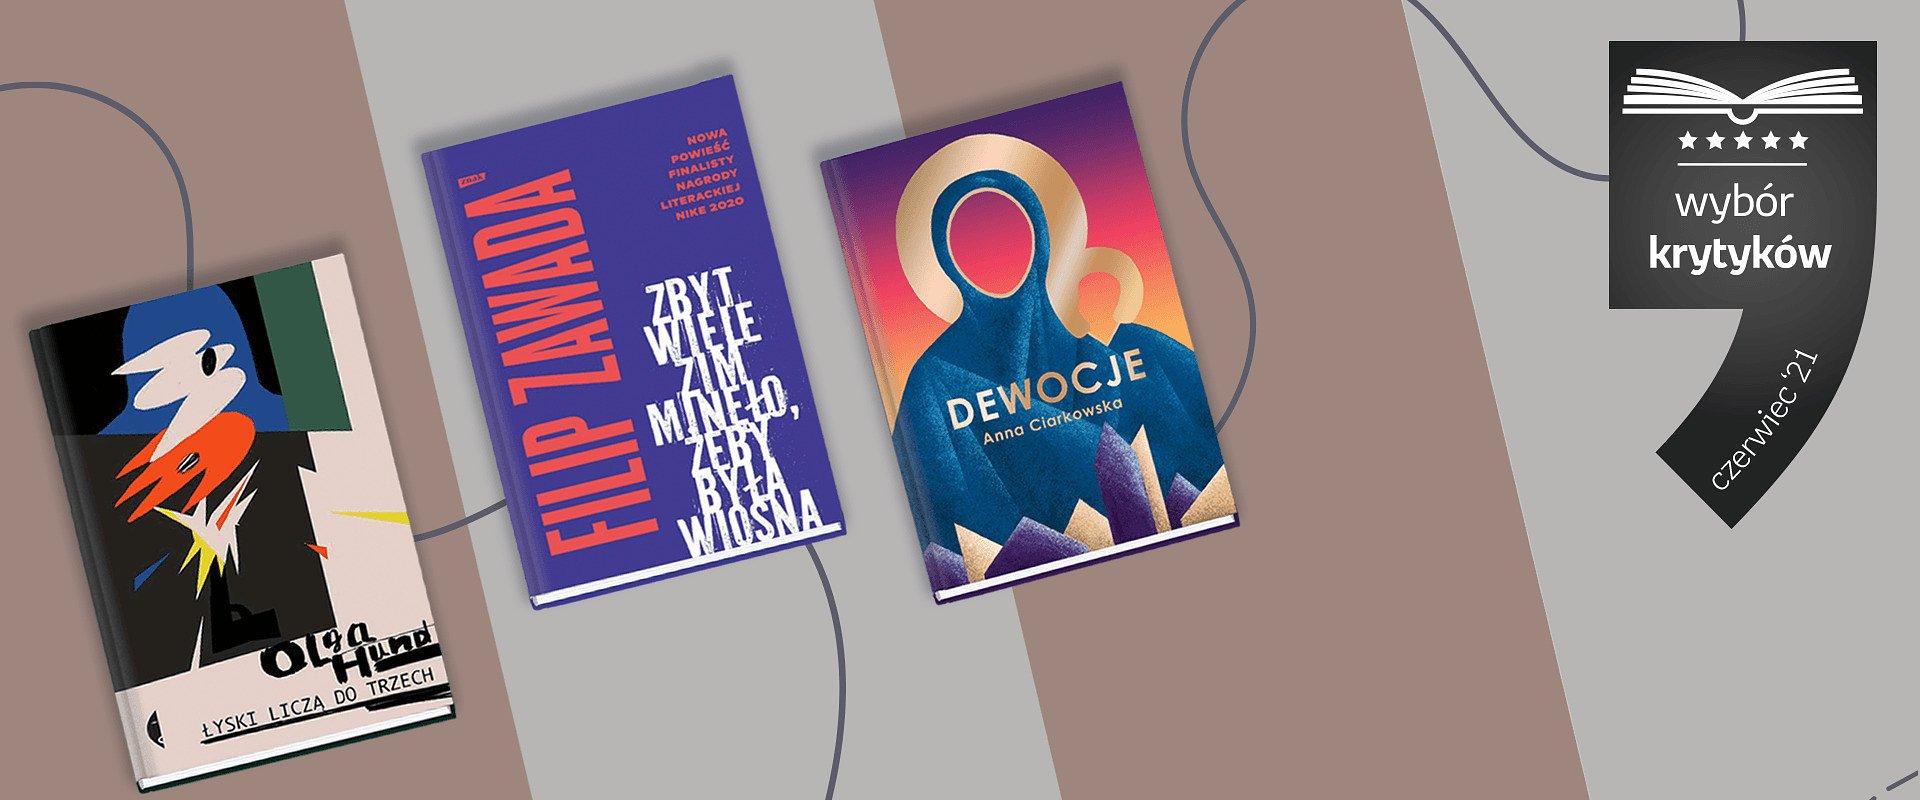 Czy dobra książka sama się obroni? Empik i Unia Literacka z nowym projektem promującym wybitną polską literaturę